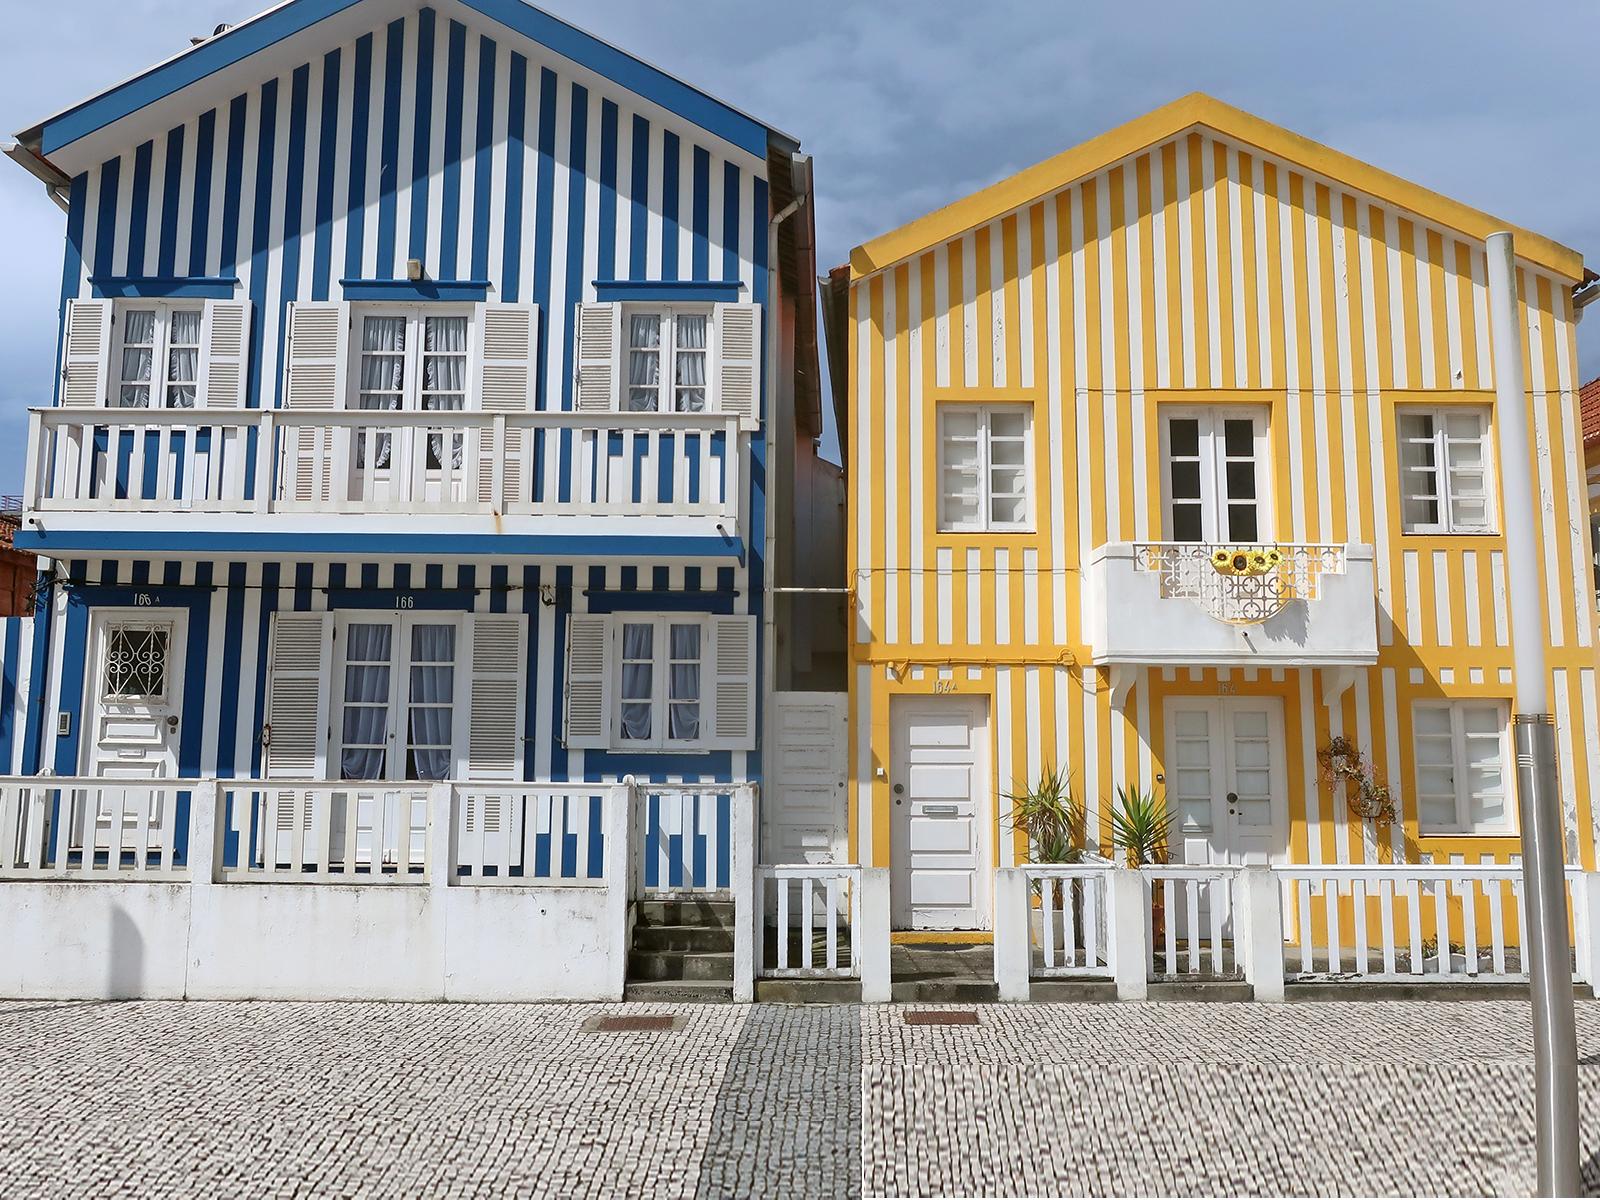 Fischerdorf Costa Nova: Wie die schönsten Streifen Portugals zum Instagram-Hit wurden